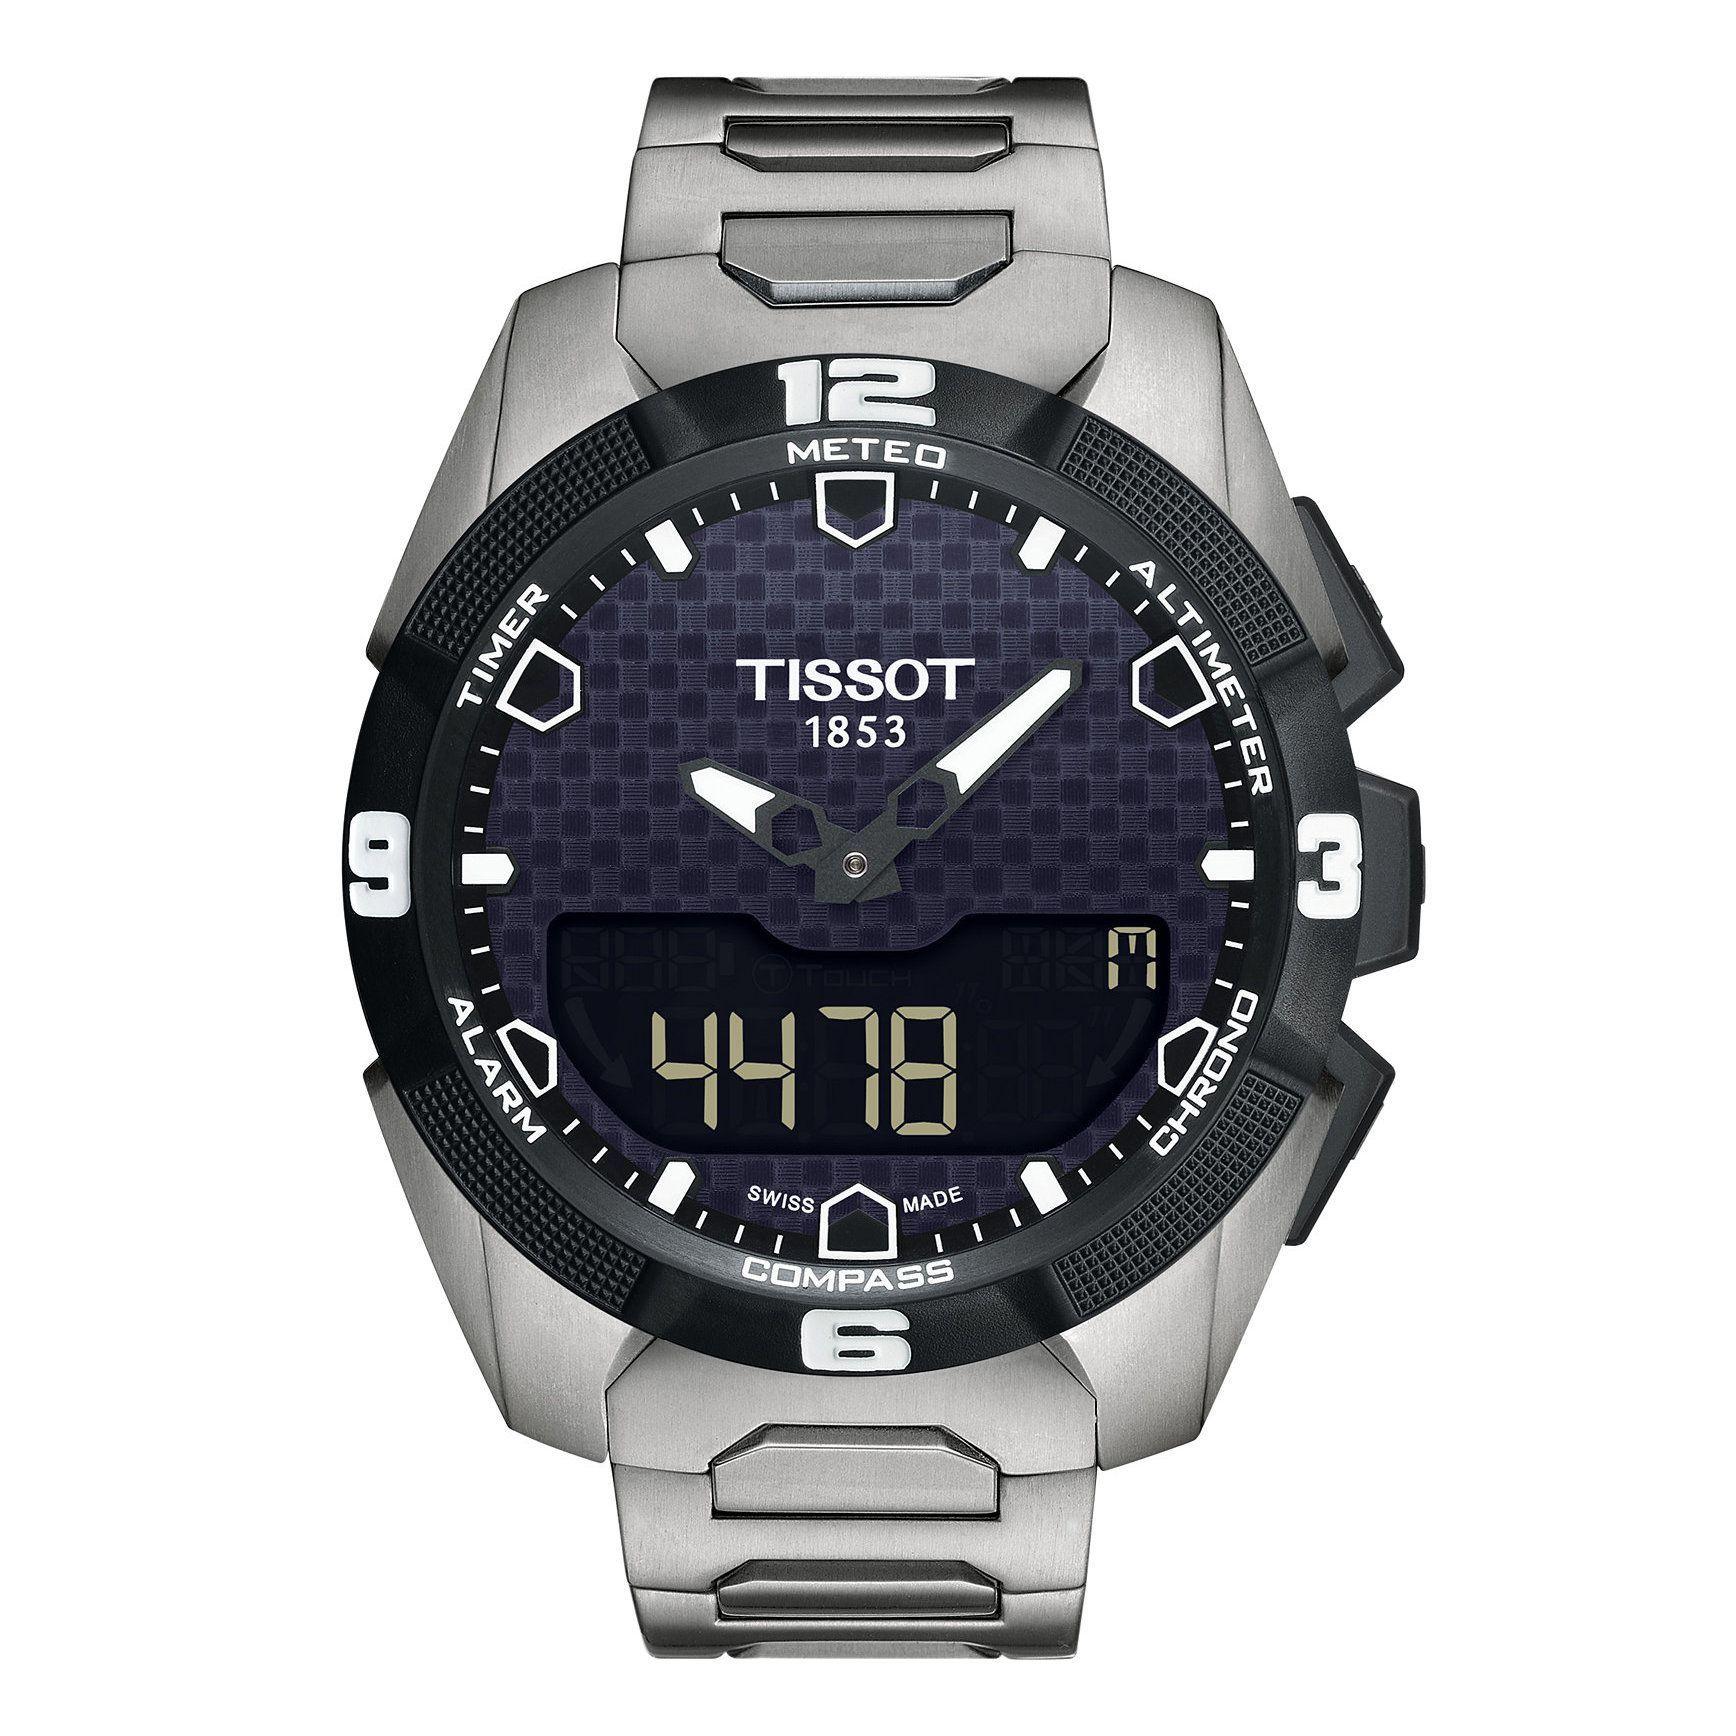 f0866612b17 11 Best Solar Powered Watches in 2019 - Casio   Seiko Solar Watches